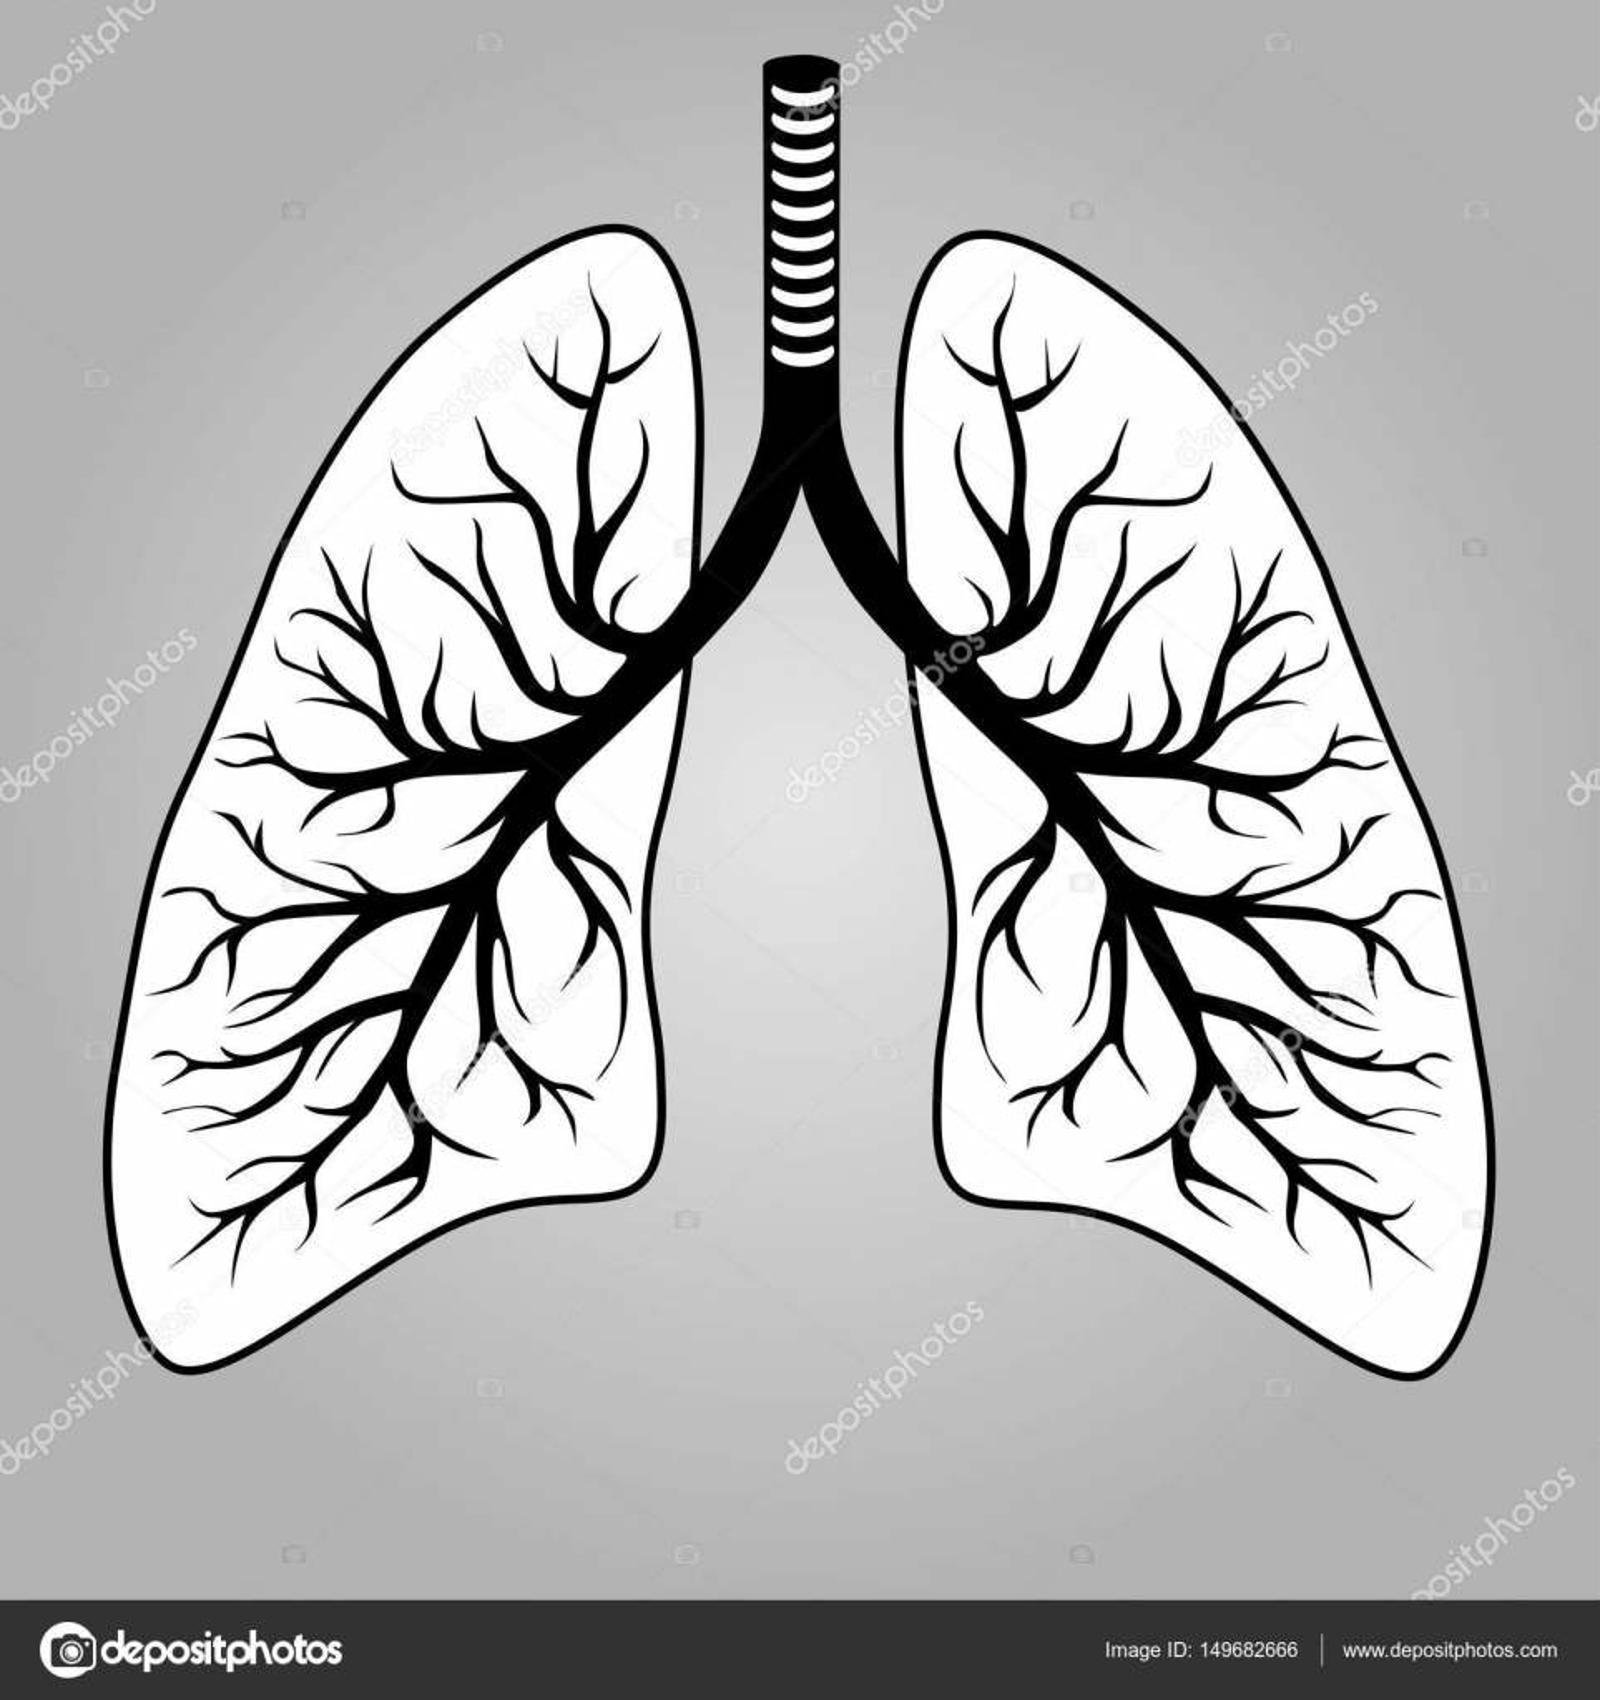 menschliche Lunge Orgel — Stockvektor © leonardo255 #149682666